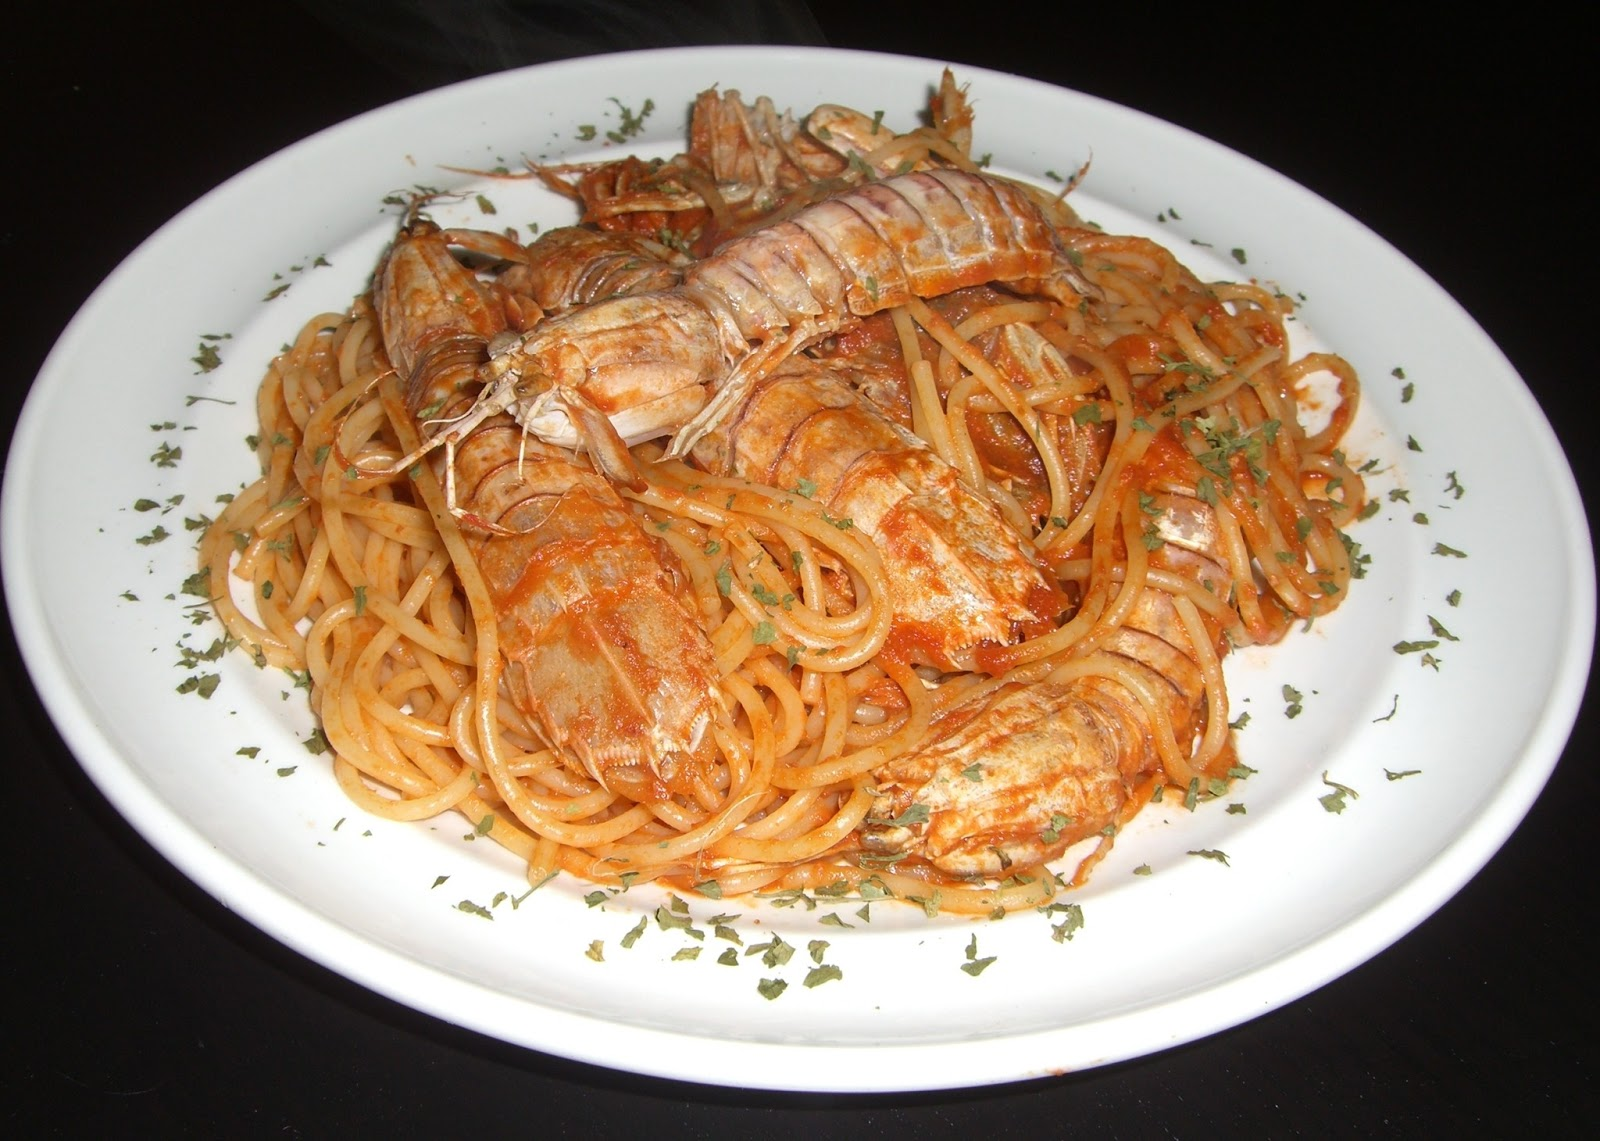 cucinare, assaporare, bere e dintorni: spaghetti con le canocchie ... - Cucinare Le Canocchie